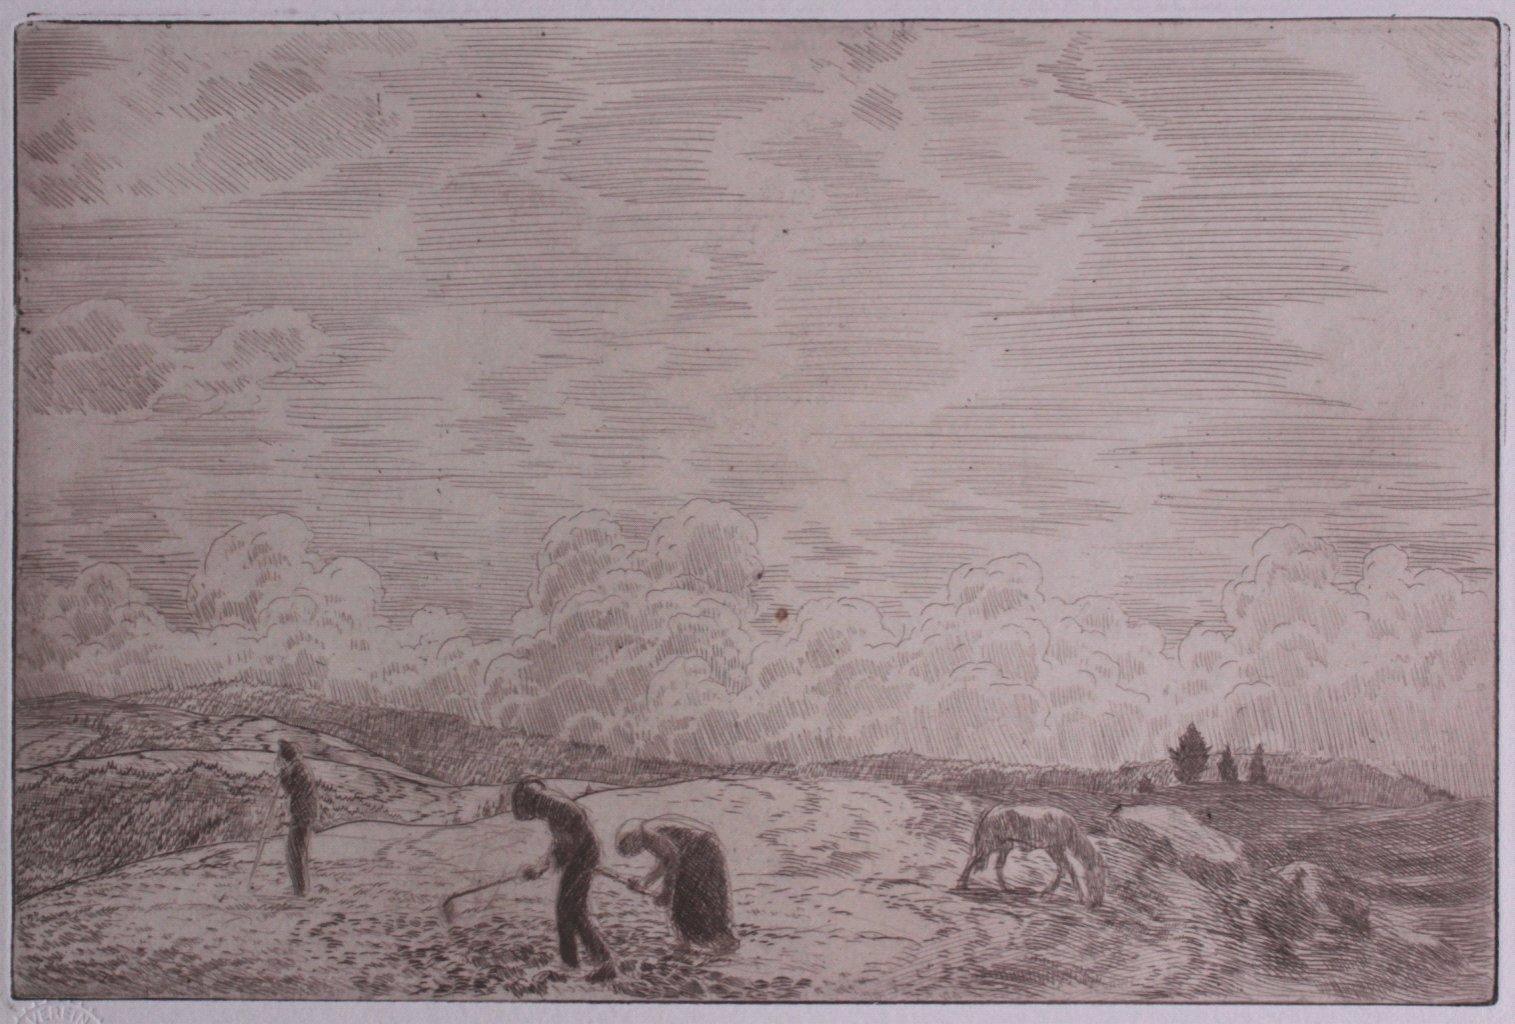 Verein für Original-Radierung Karlsruhe. Heft XII, 1905-4